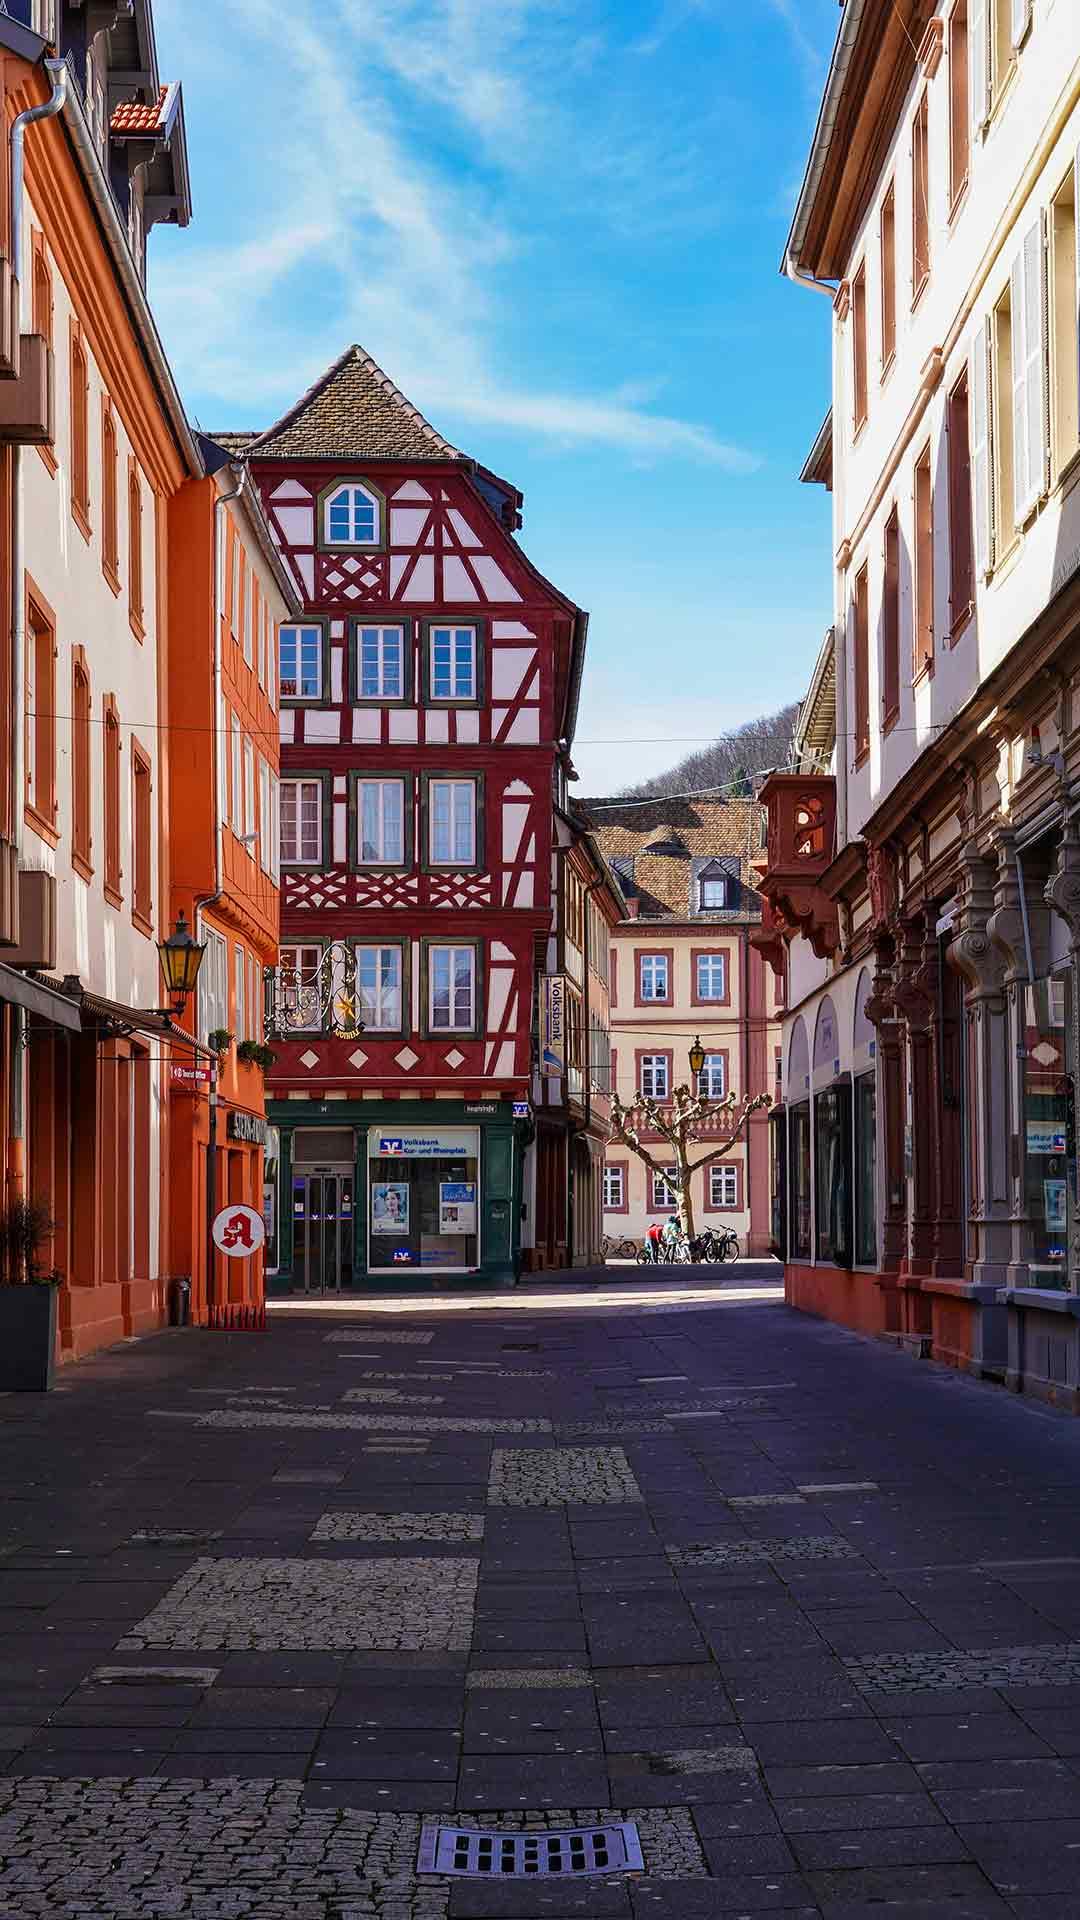 Heizkörperreinigung in Neustadt an der Weinstraße – unser patentiertes Verfahren